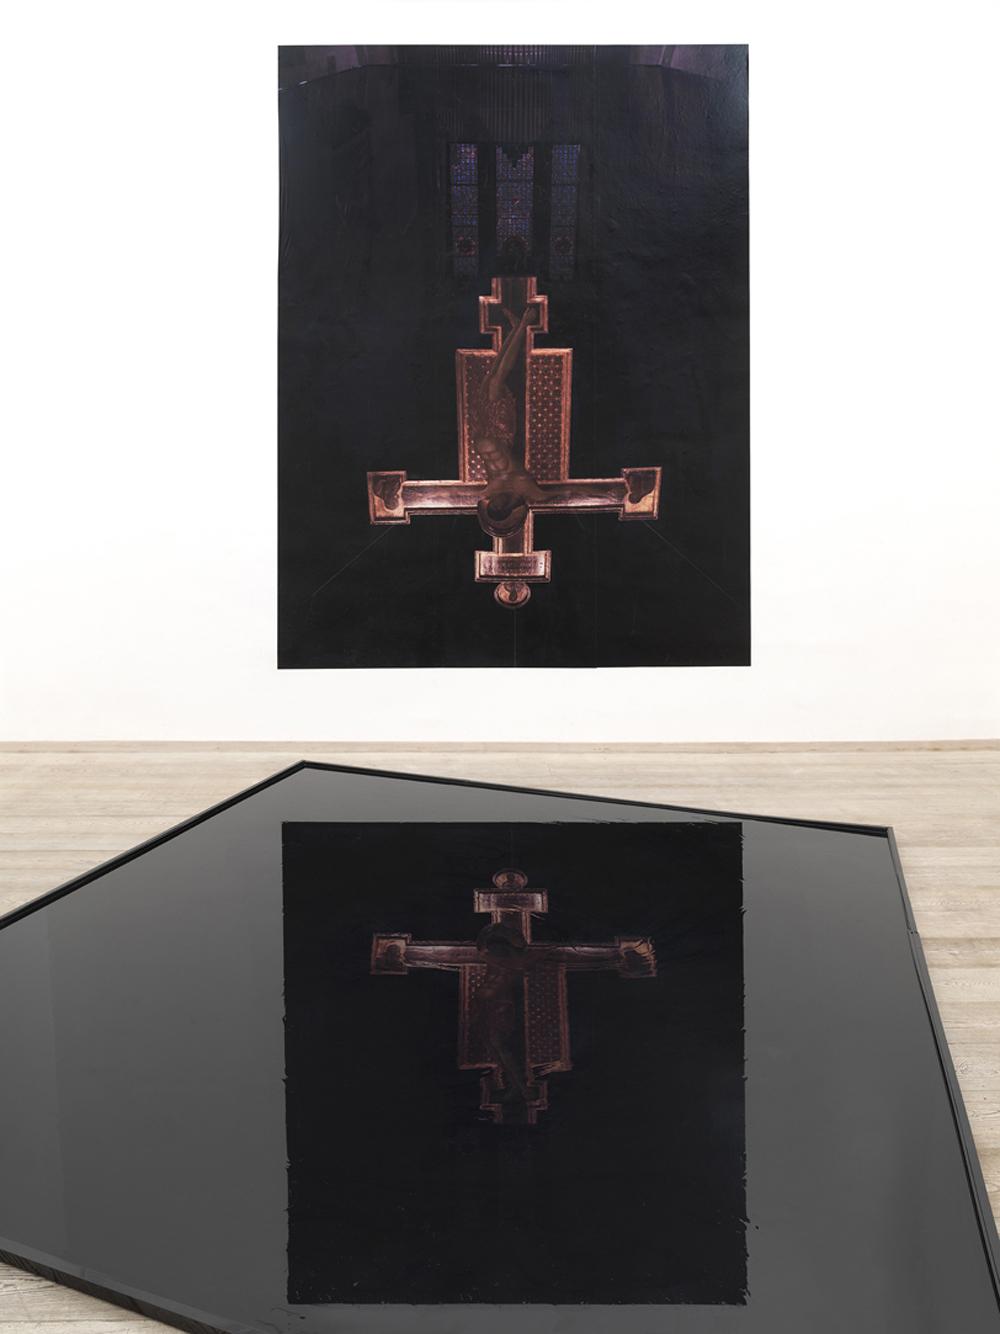 sala II - Installazione d'olio  Cimabue 2, Chiesa di San Domenico, Arezzo, 2014, stampa fotografica e vasca d'olio, dimensione ambiente